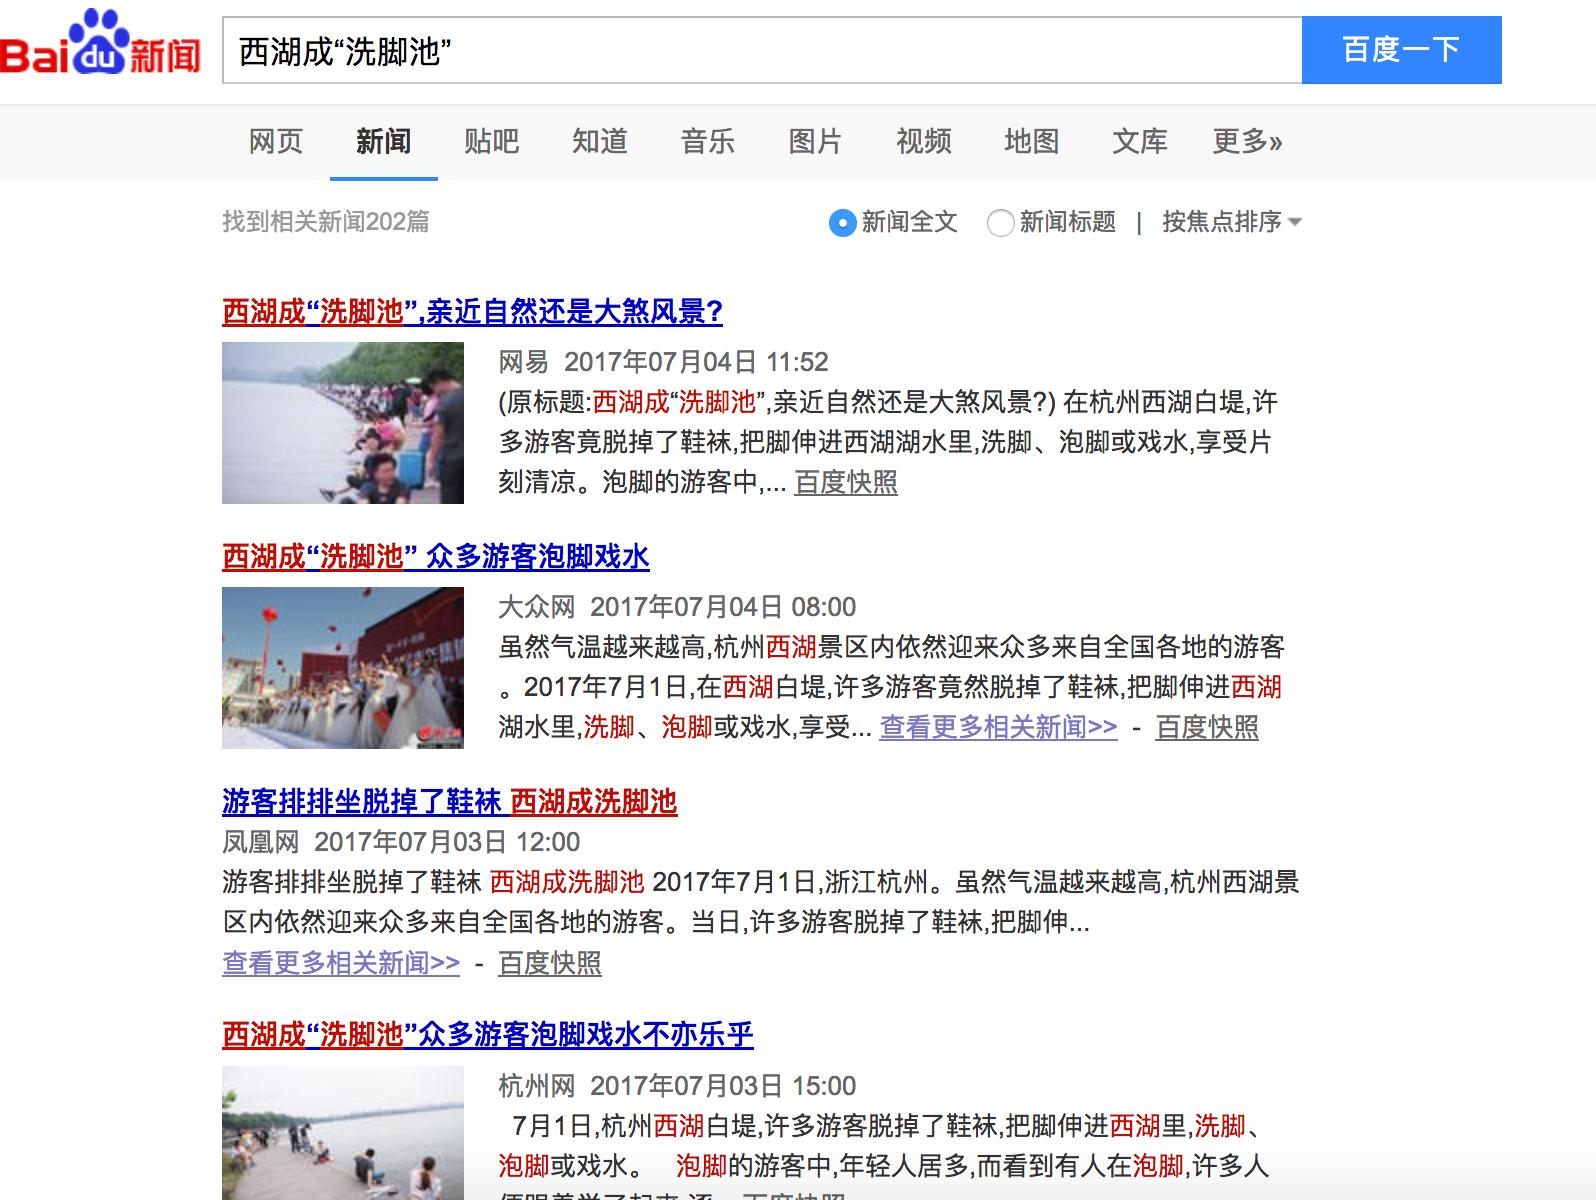 """杭州西湖""""洗脚现象""""得以控制,但还有游客成""""漏网之鱼""""?"""